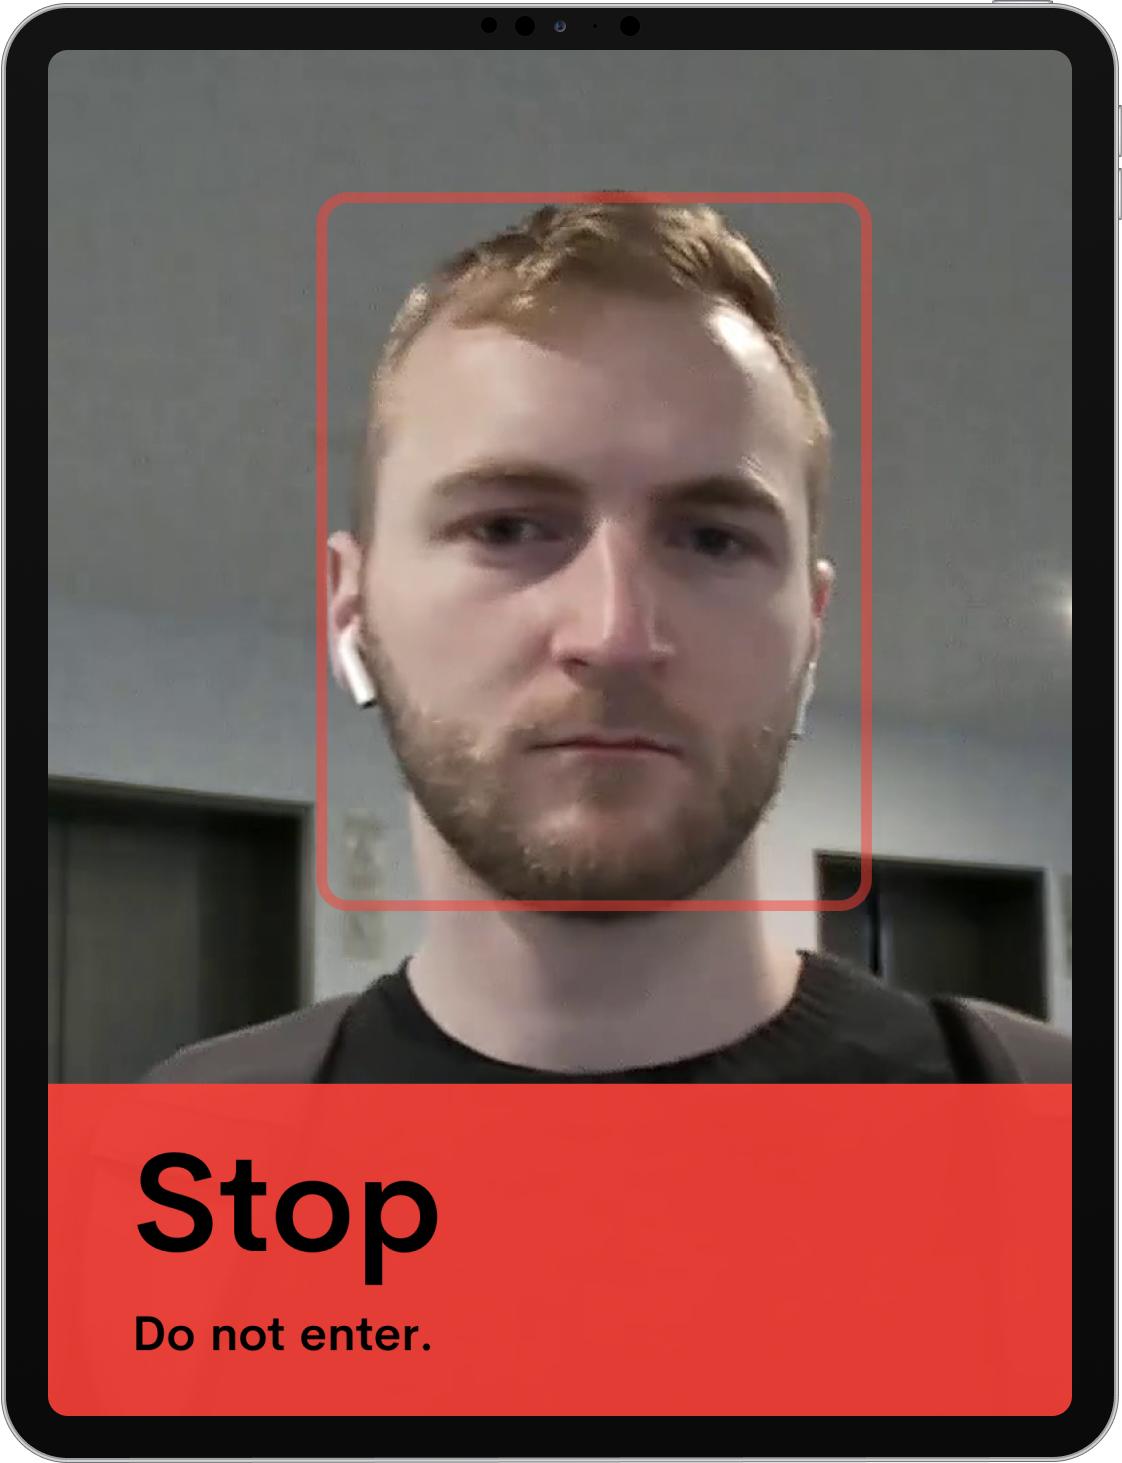 Doorkeeper Stop screen